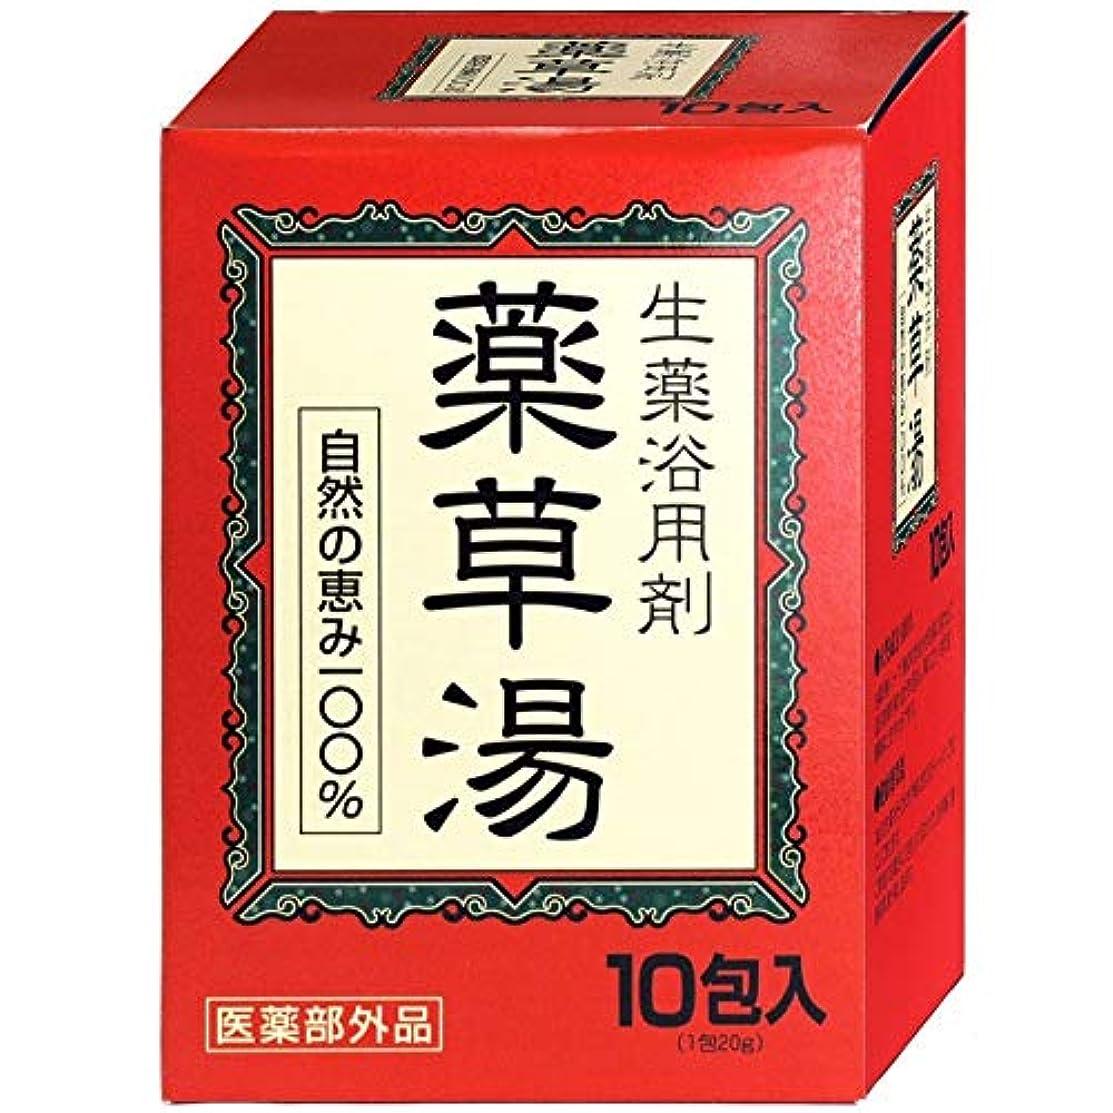 ランプ制限するうそつきVVN生薬入浴剤薬草湯10包×(10セット)